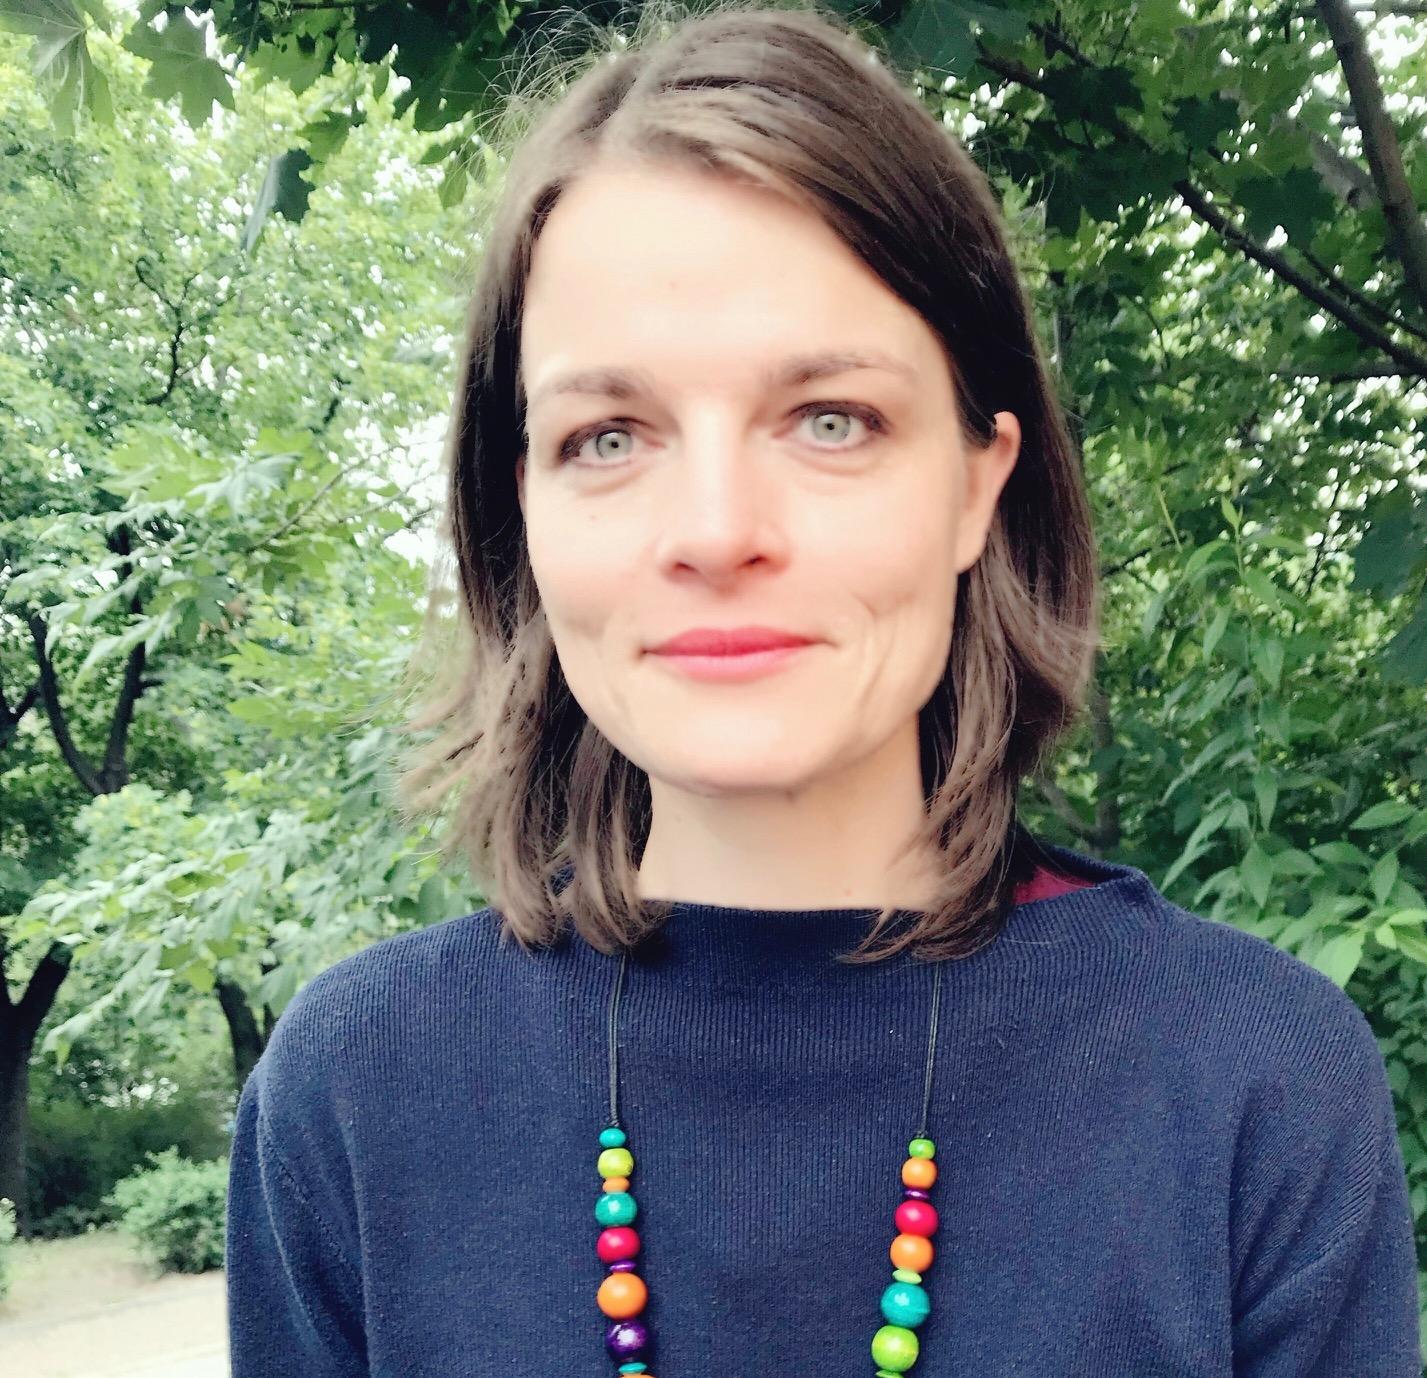 Šárka Daňková